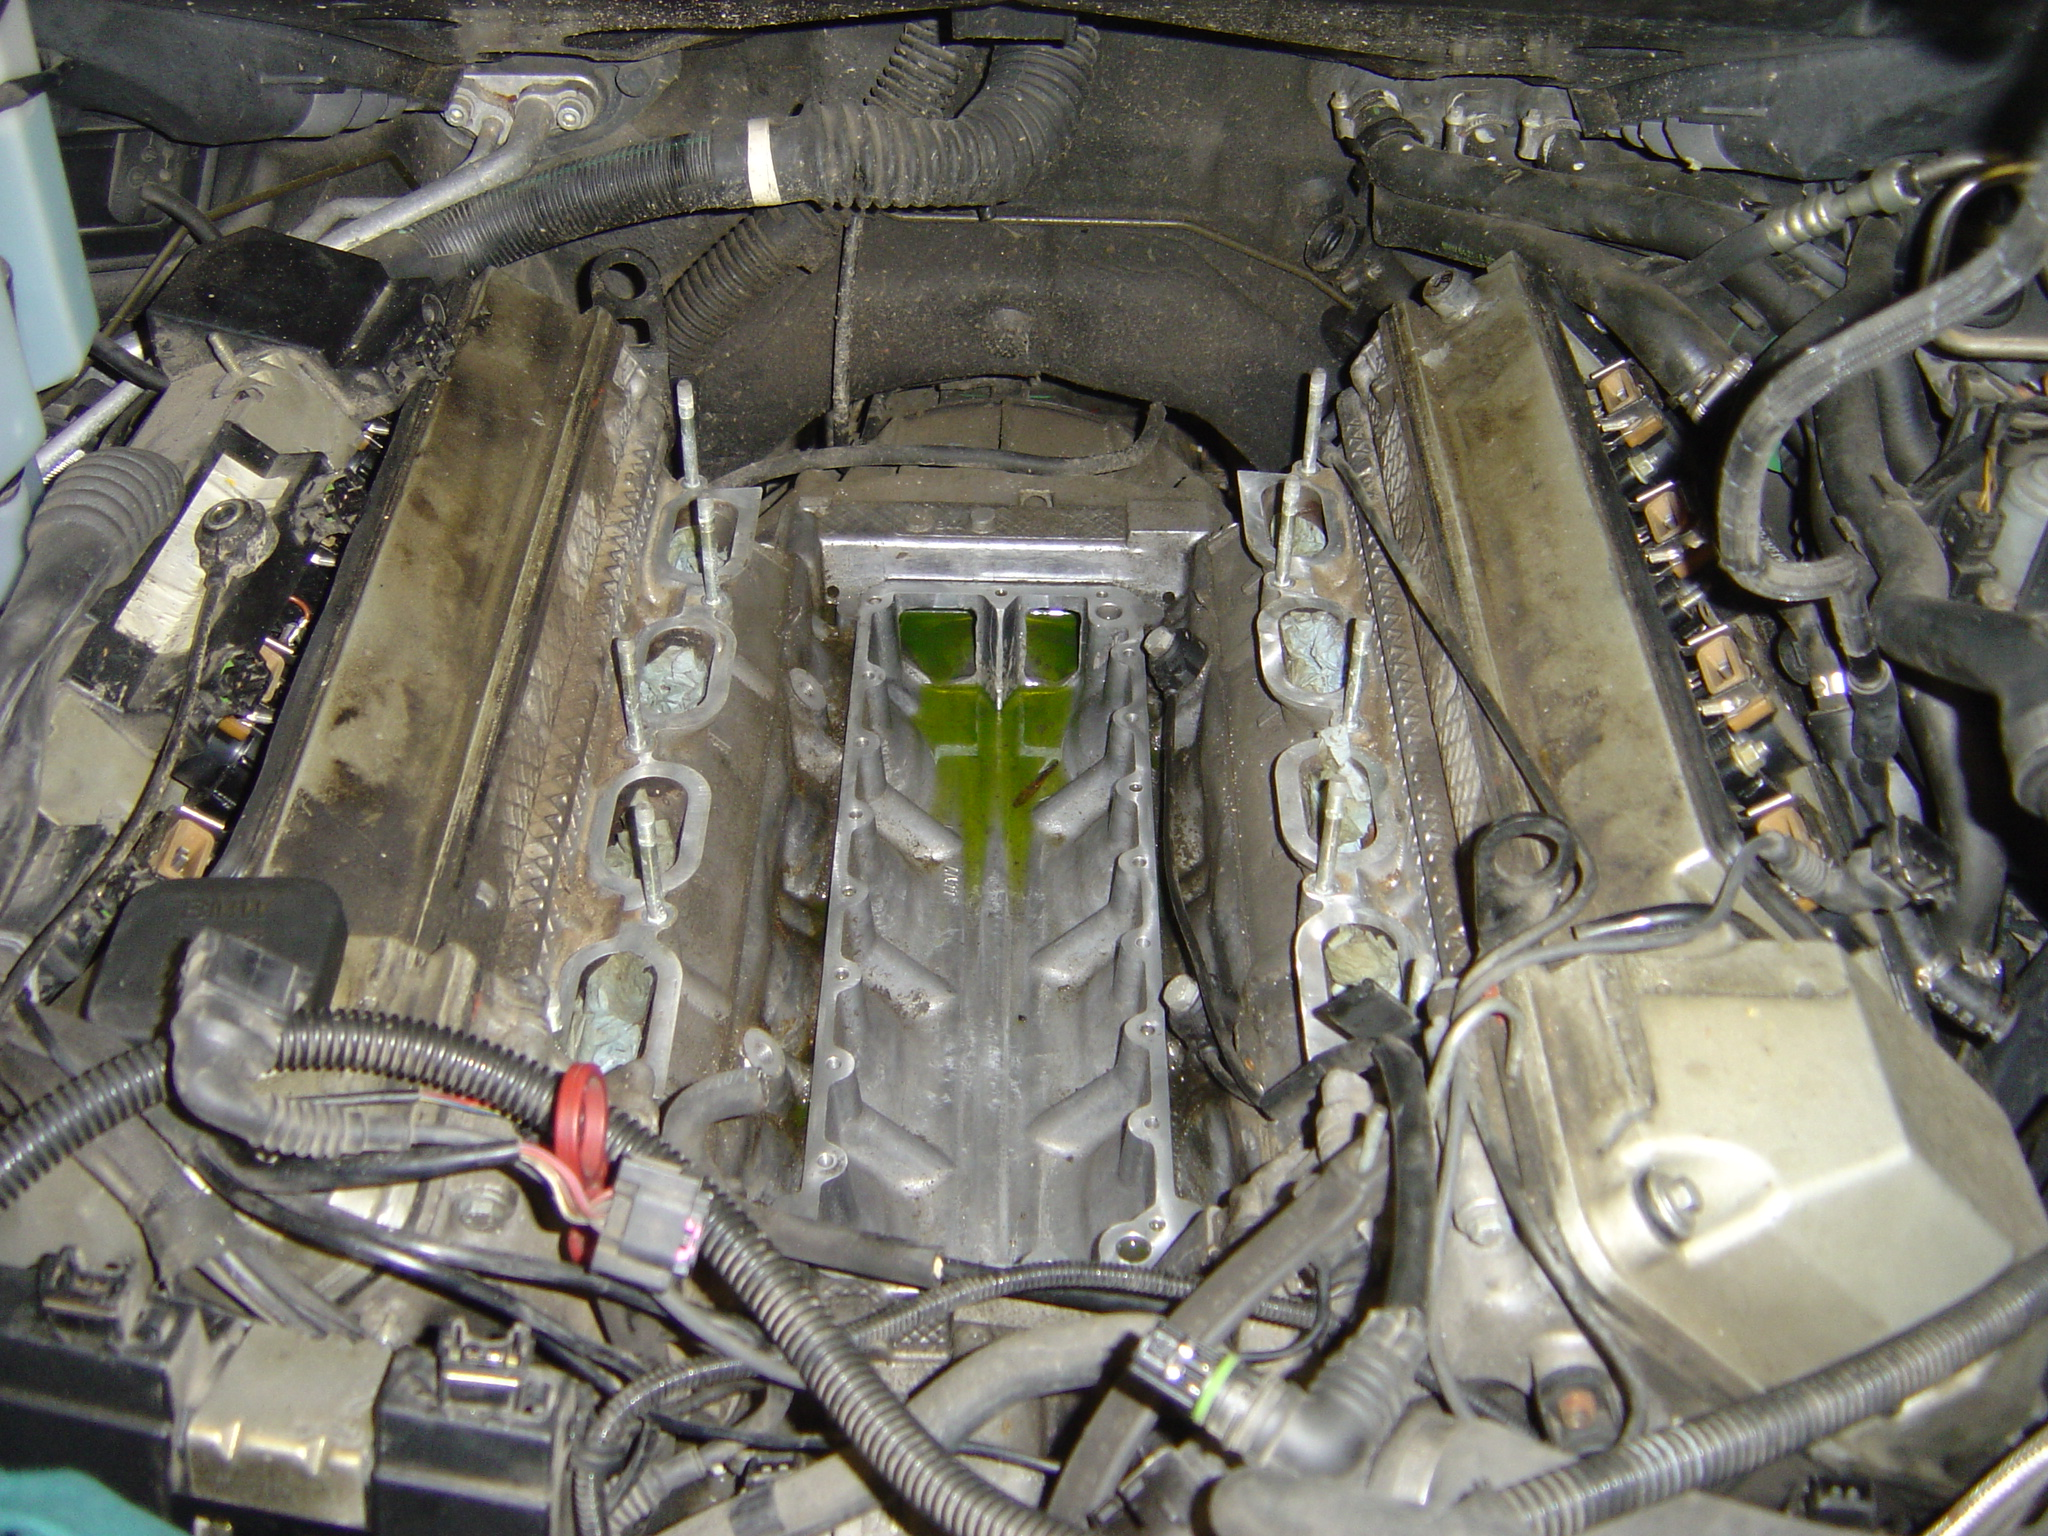 DS_7466] Bmw X5 Engine Diagram Schematic WiringEffl Tivexi Xrenket Pneu Rele Mohammedshrine Librar Wiring 101